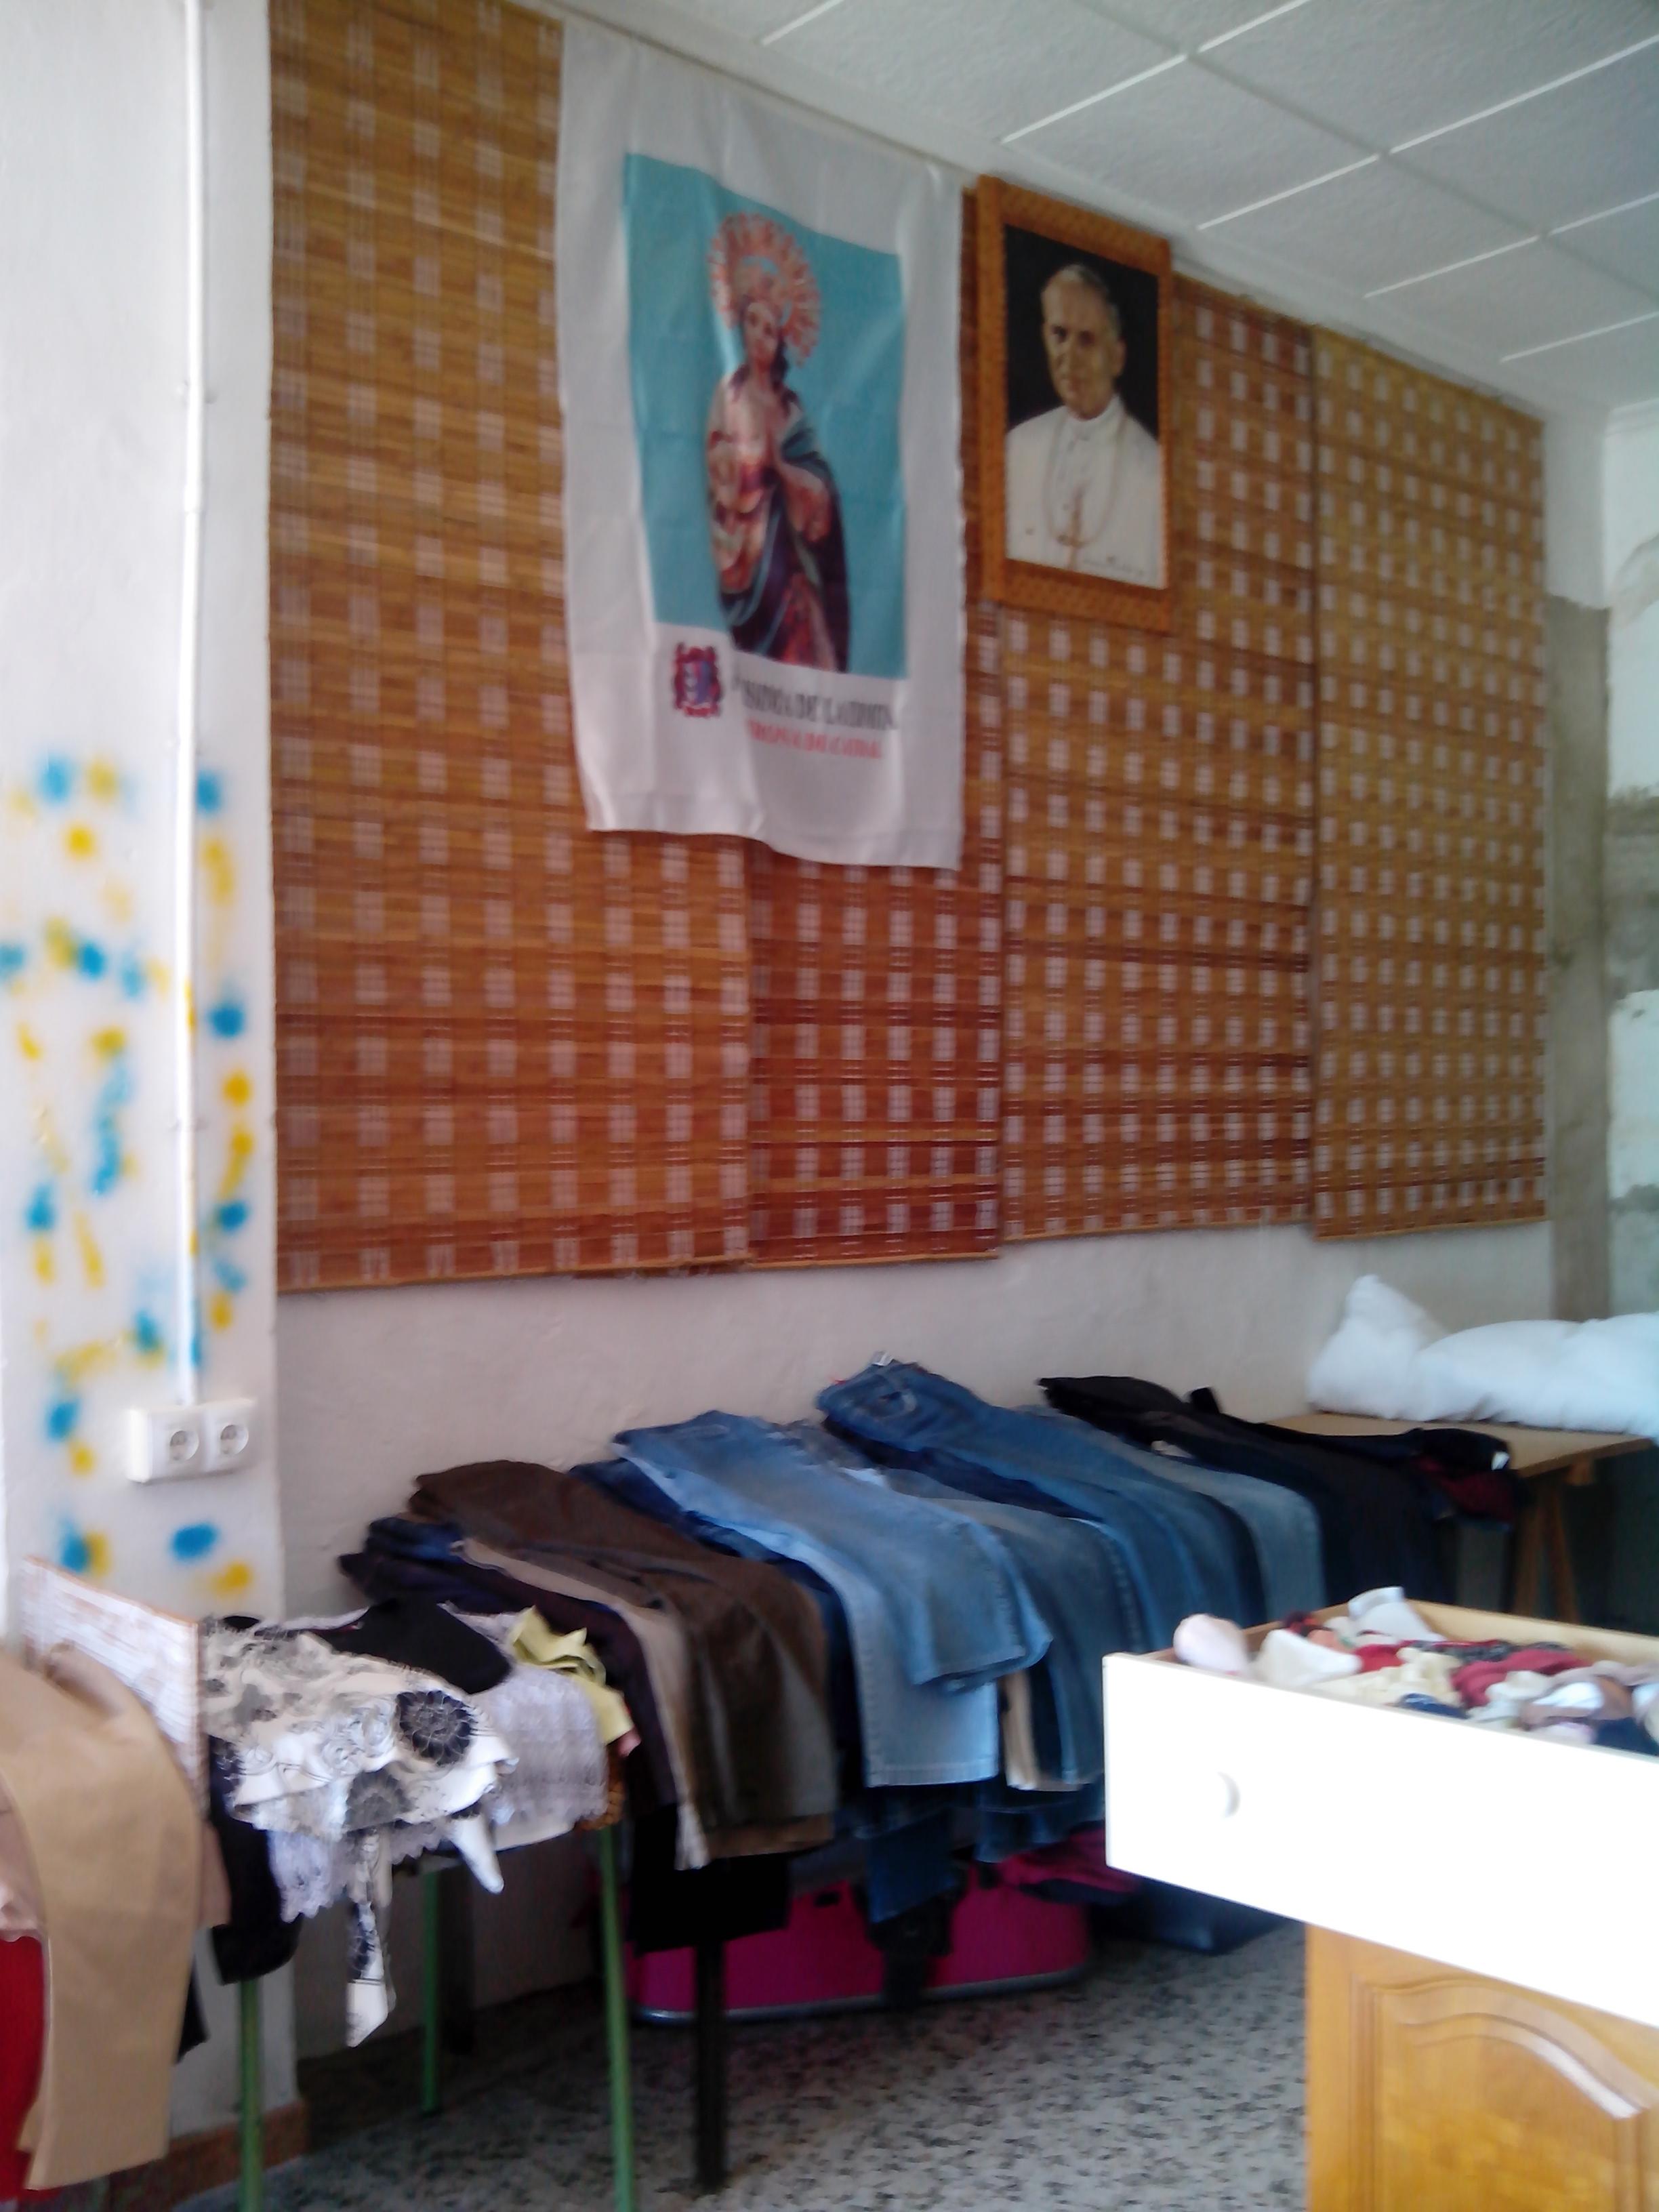 En la sede de la casa de la Caridad, se selecciona,todo lo que la gente de buena voluntad nos dona. Calzado, alimentos, ropa , medicinas, artículos sanitarios, libros ...